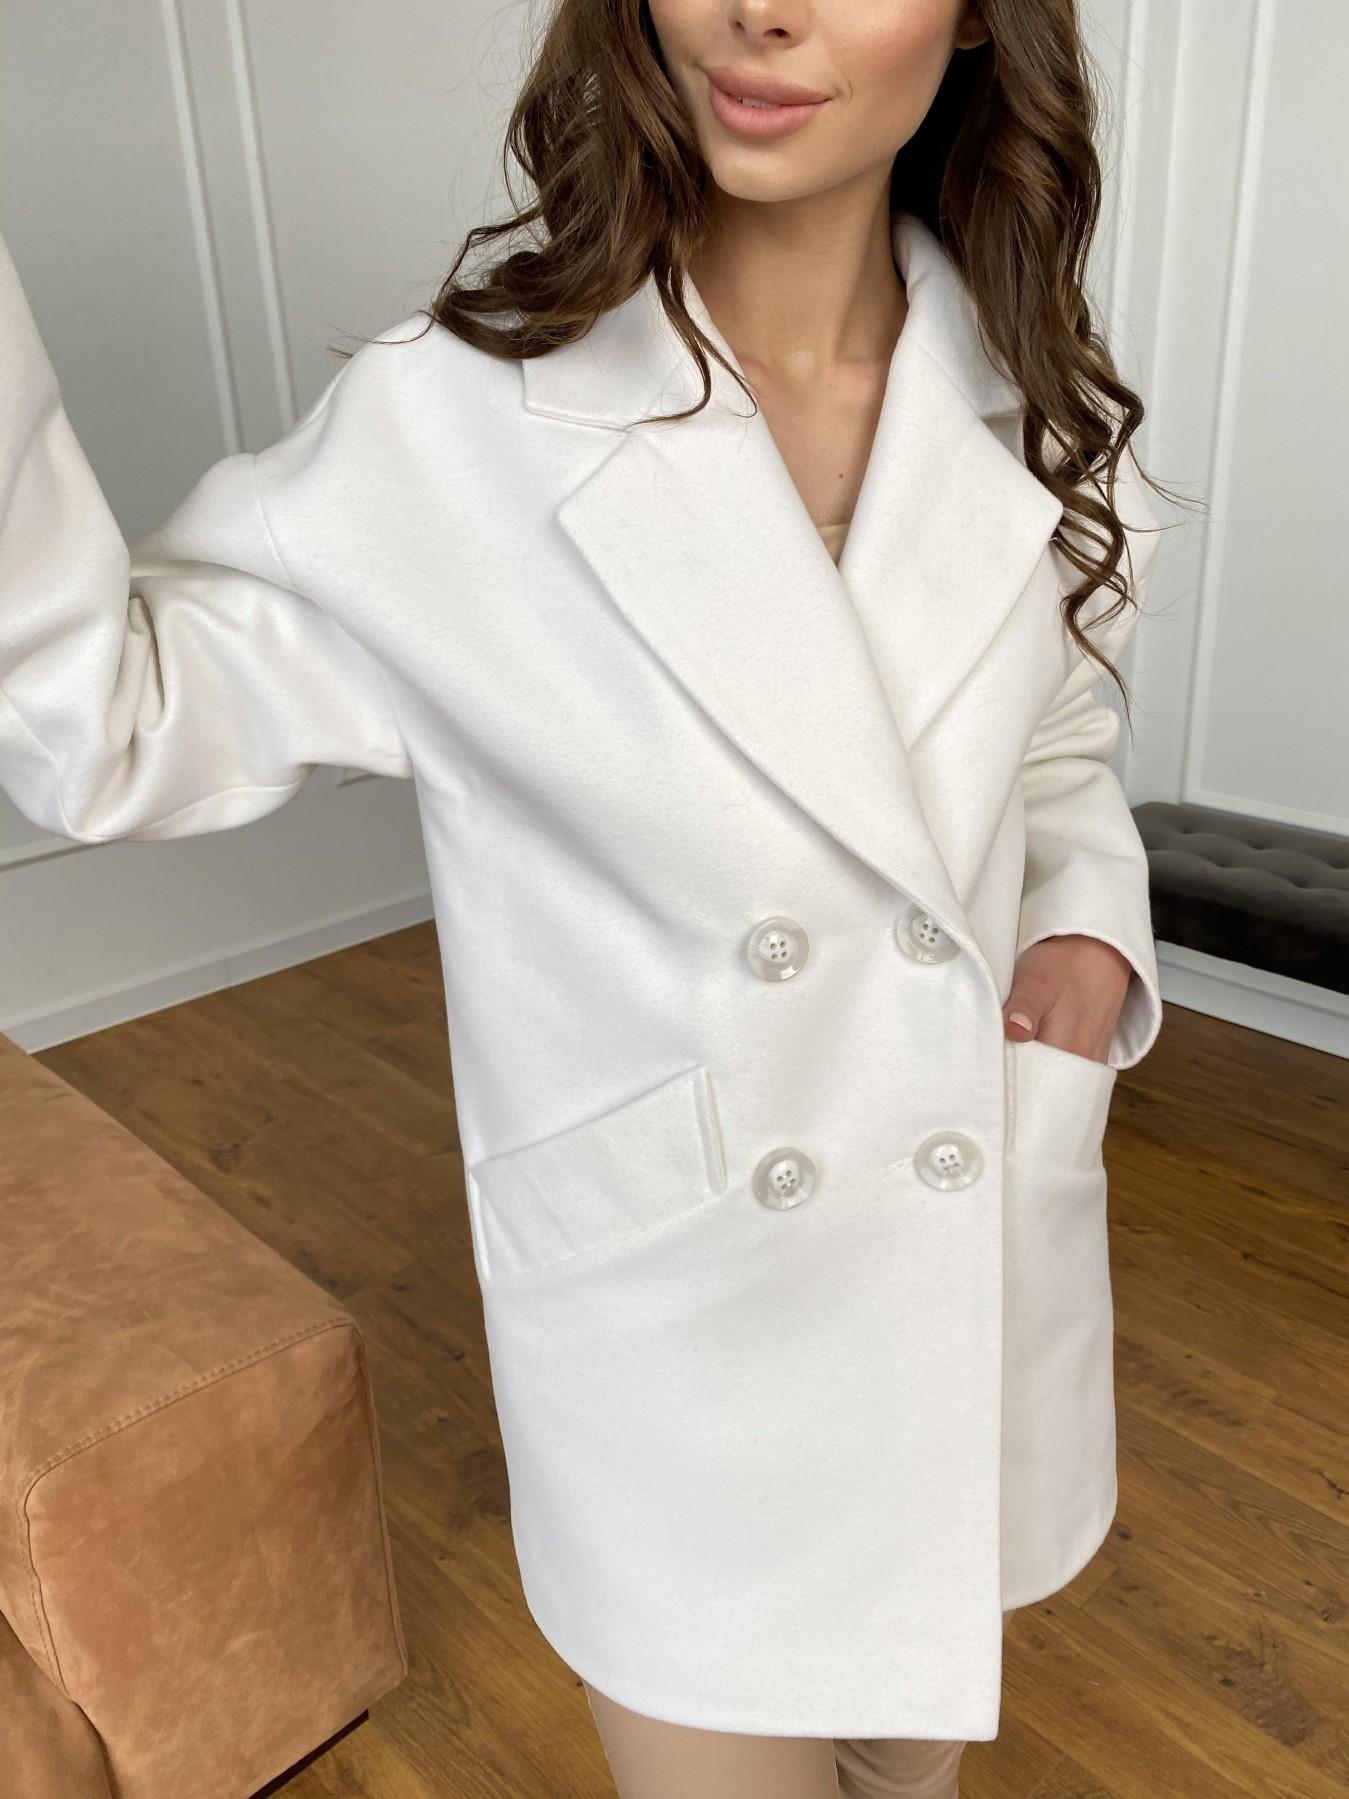 Бонд пальто из кашемира 10646 АРТ. 47495 Цвет: Молоко 1 - фото 9, интернет магазин tm-modus.ru